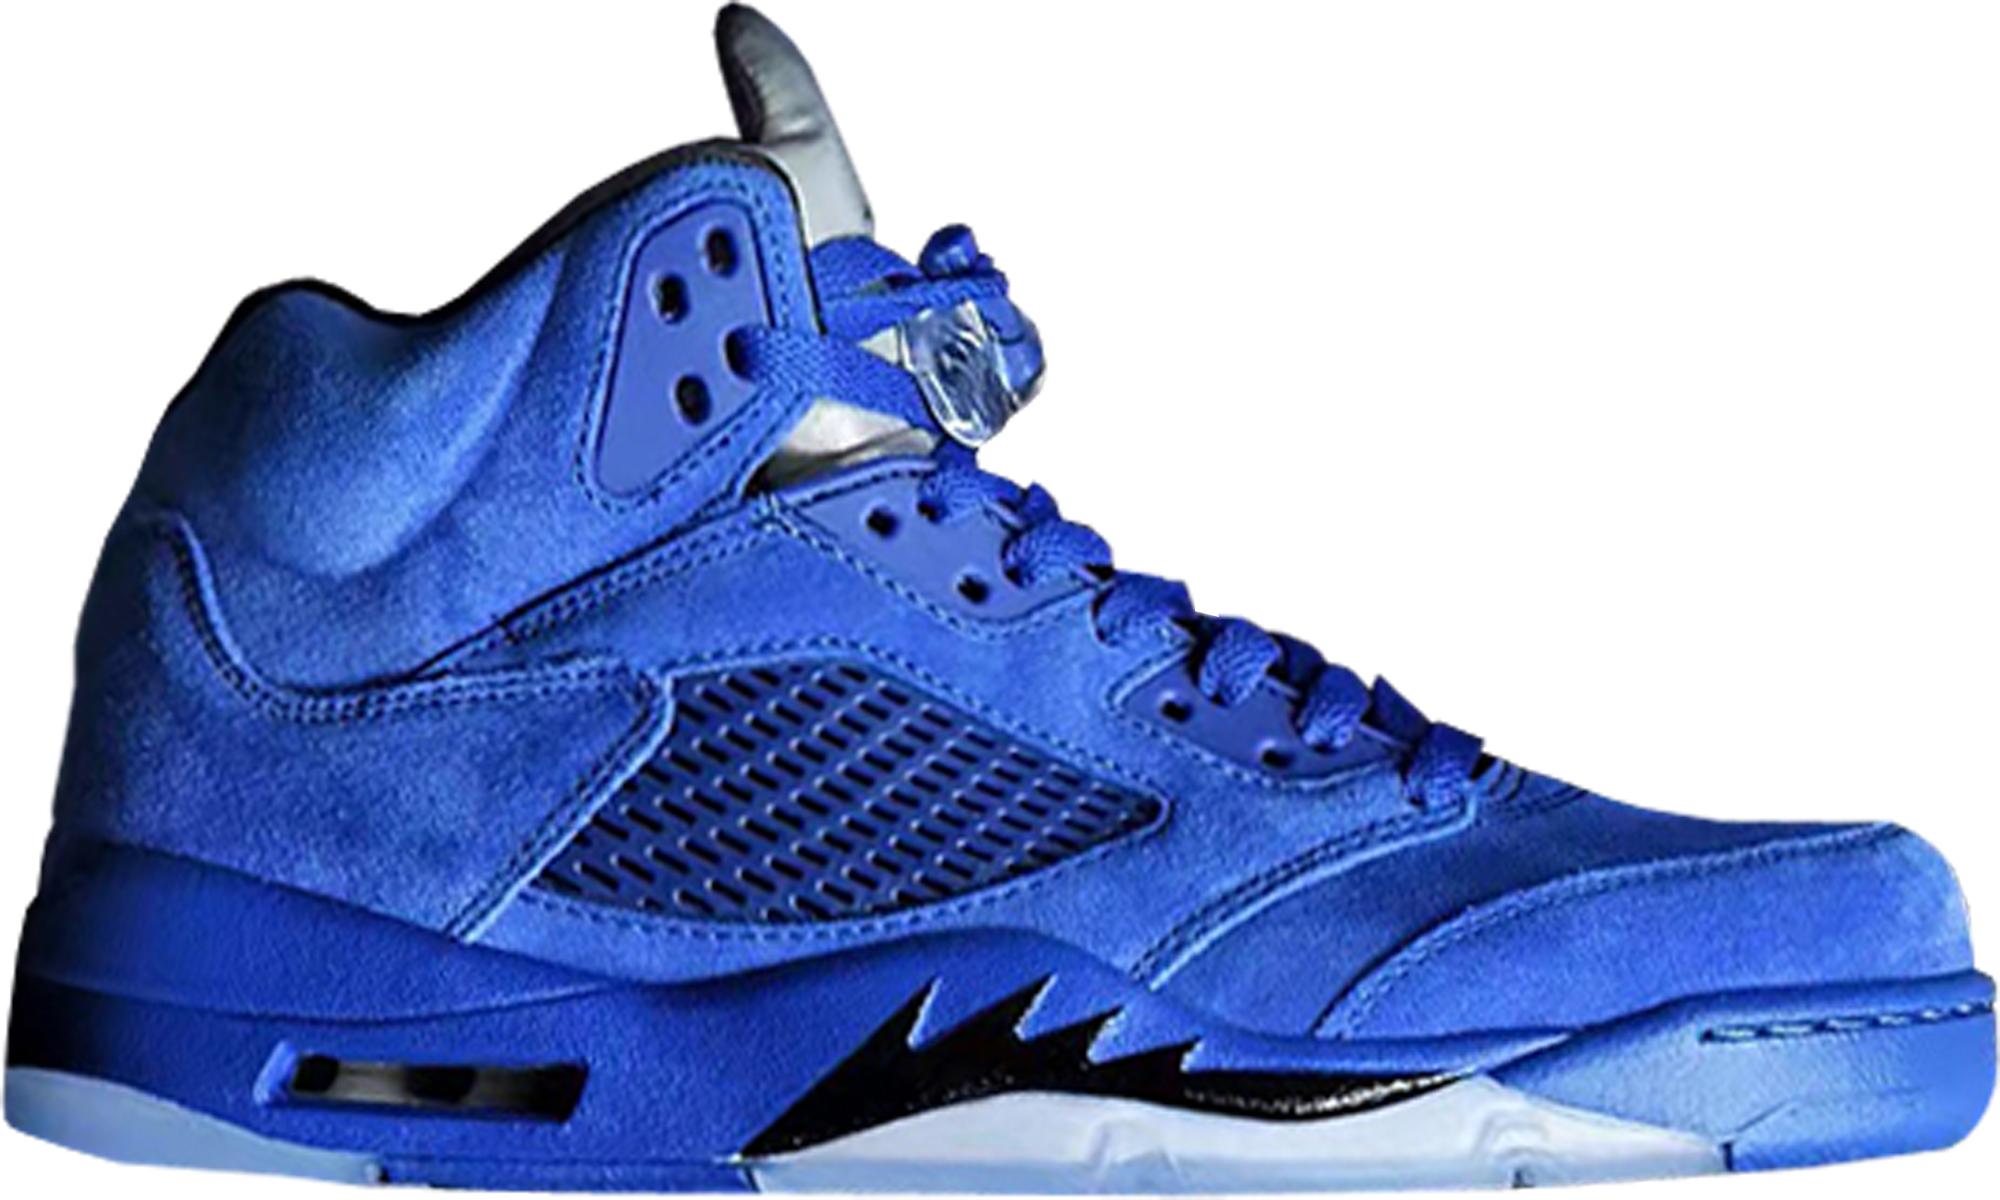 cheap air jordan 5s blue